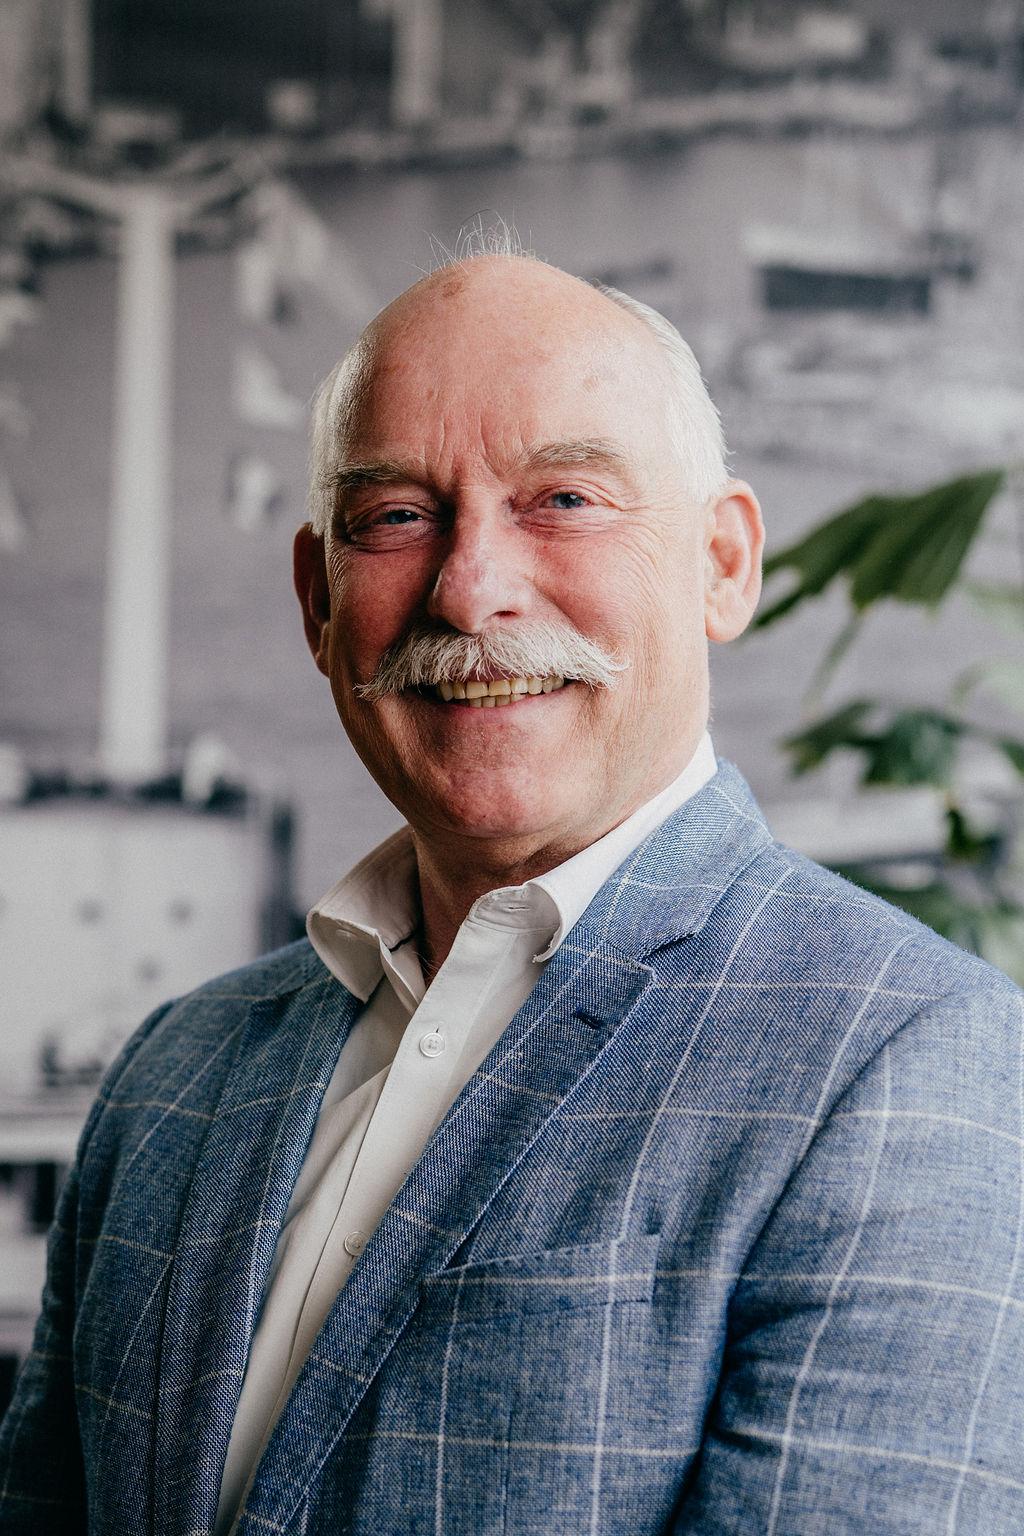 Pierre van Aggelen